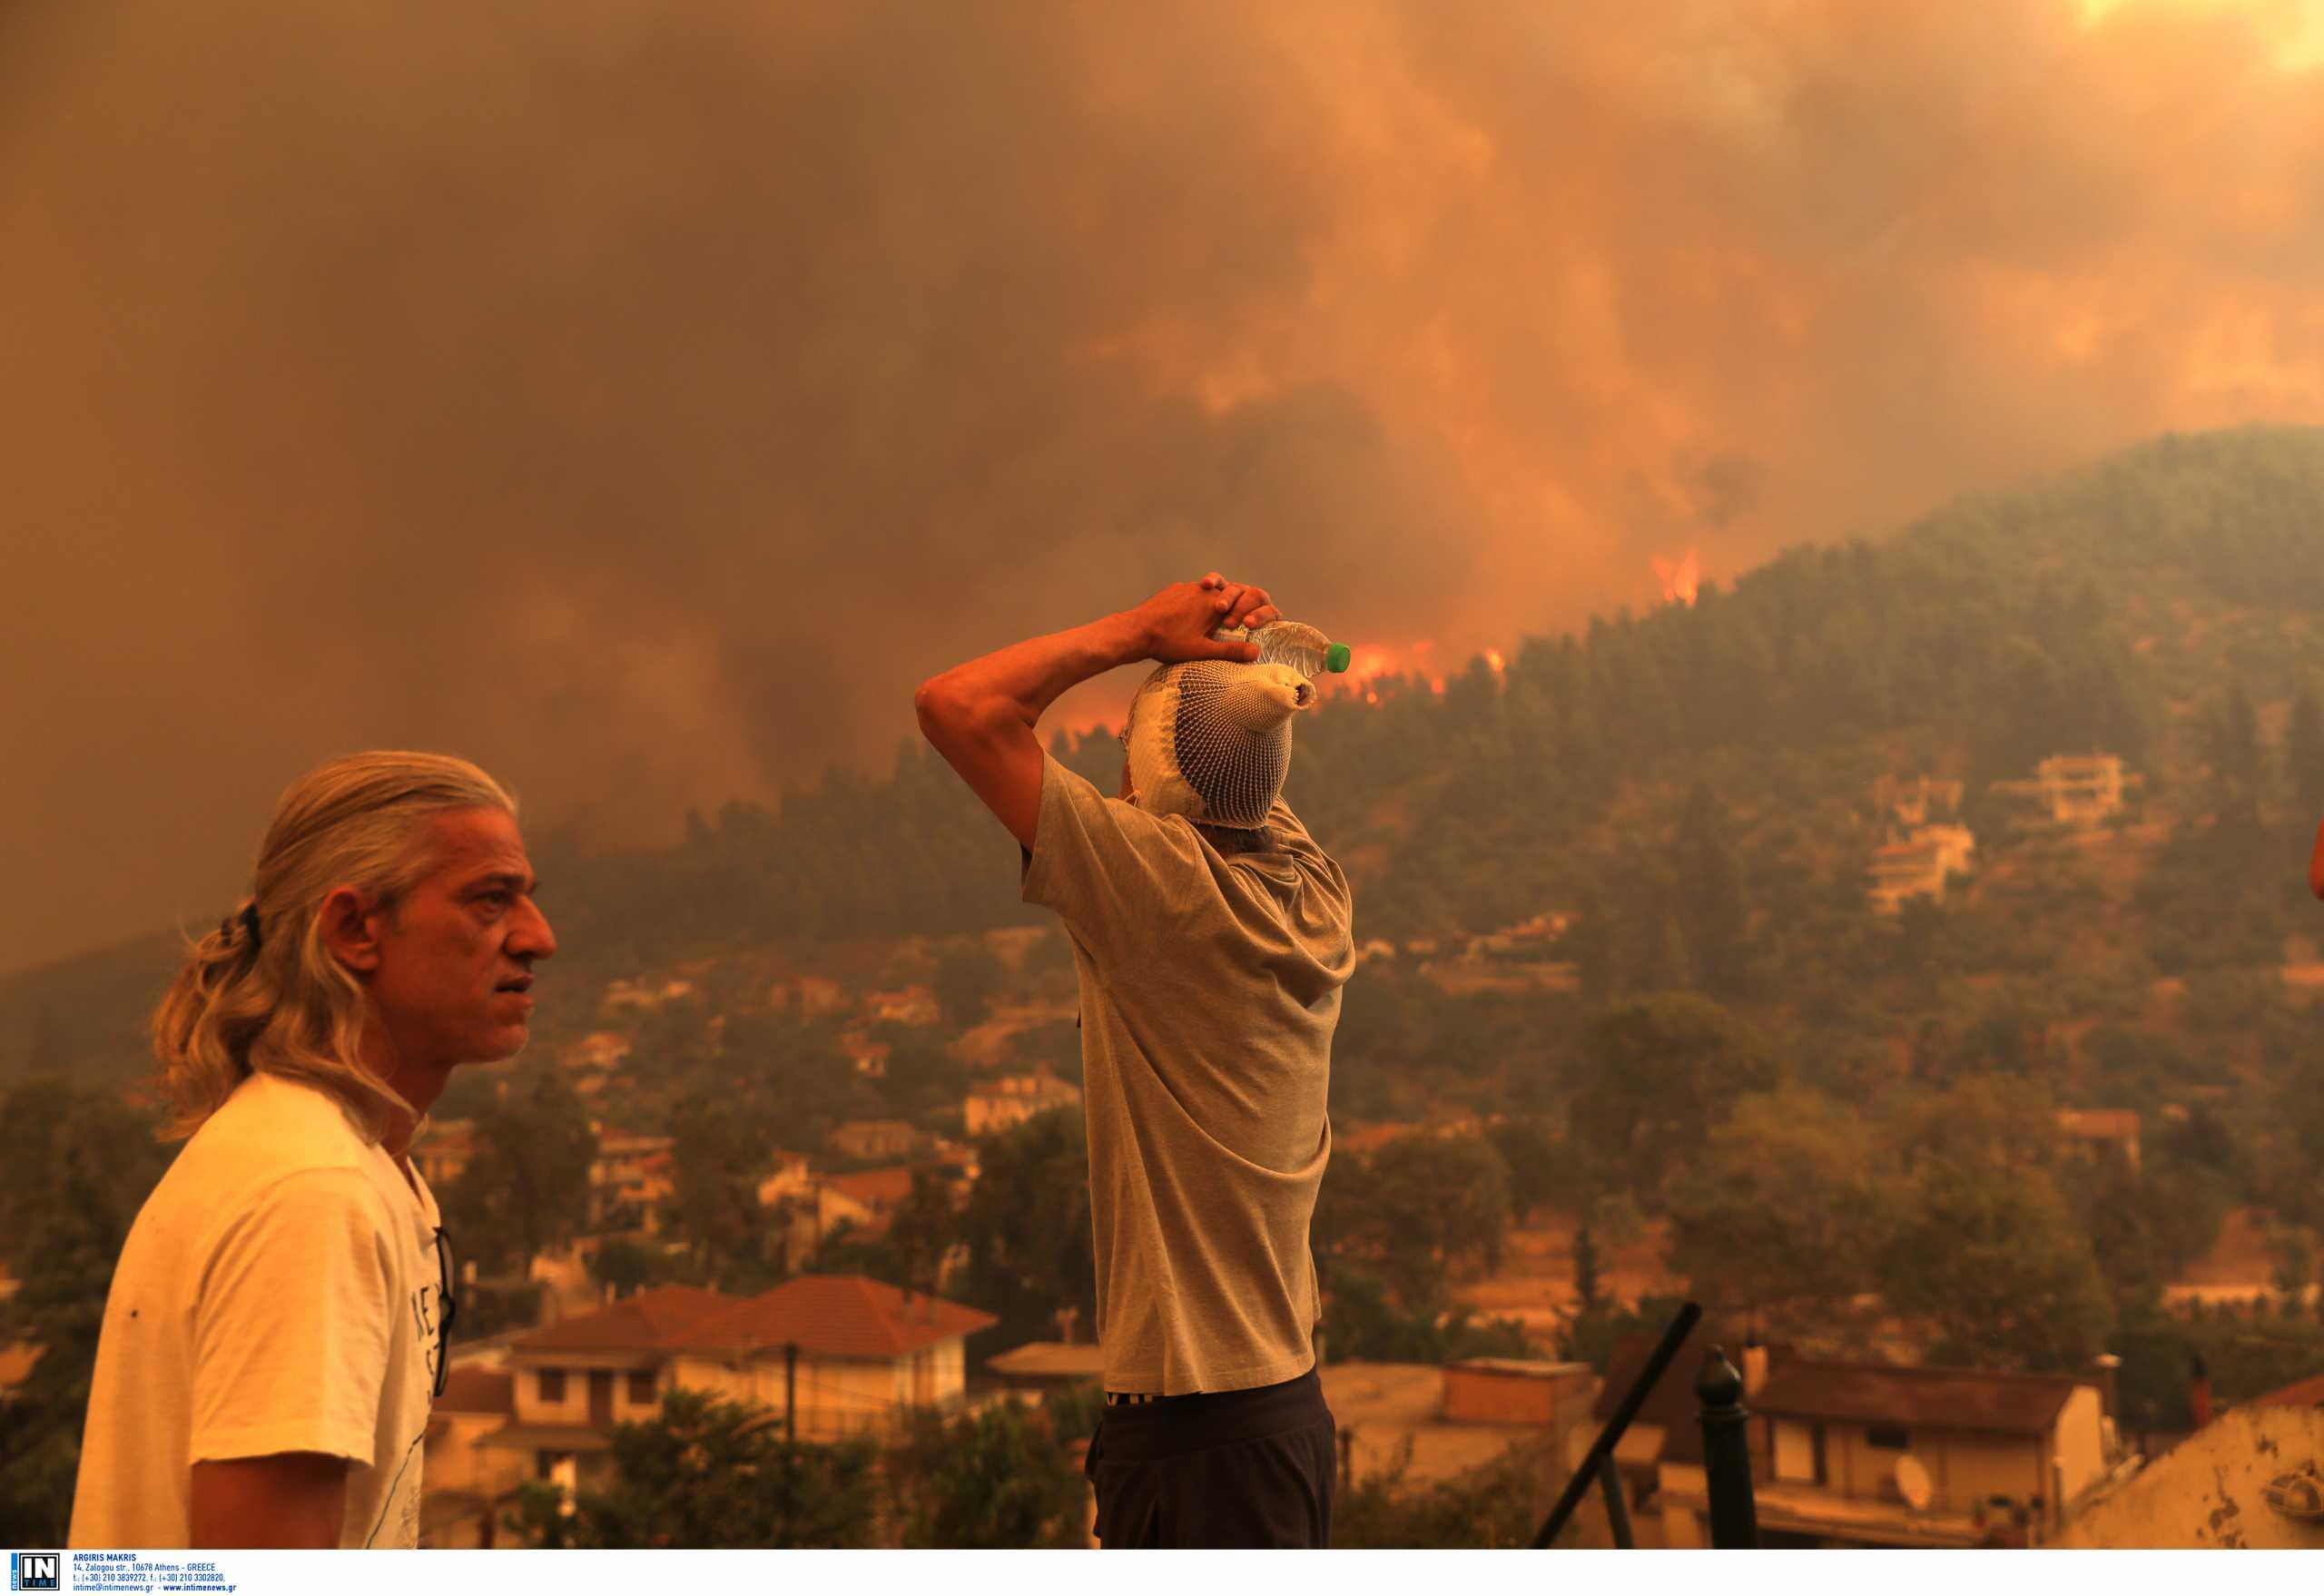 Φωτιές στην Εύβοια: Συγκλονιστικές εικόνες στα διεθνή ΜΜΕ – «Πρωταγωνίστρια» η κ. Παναγιώτα από τις Γούβες